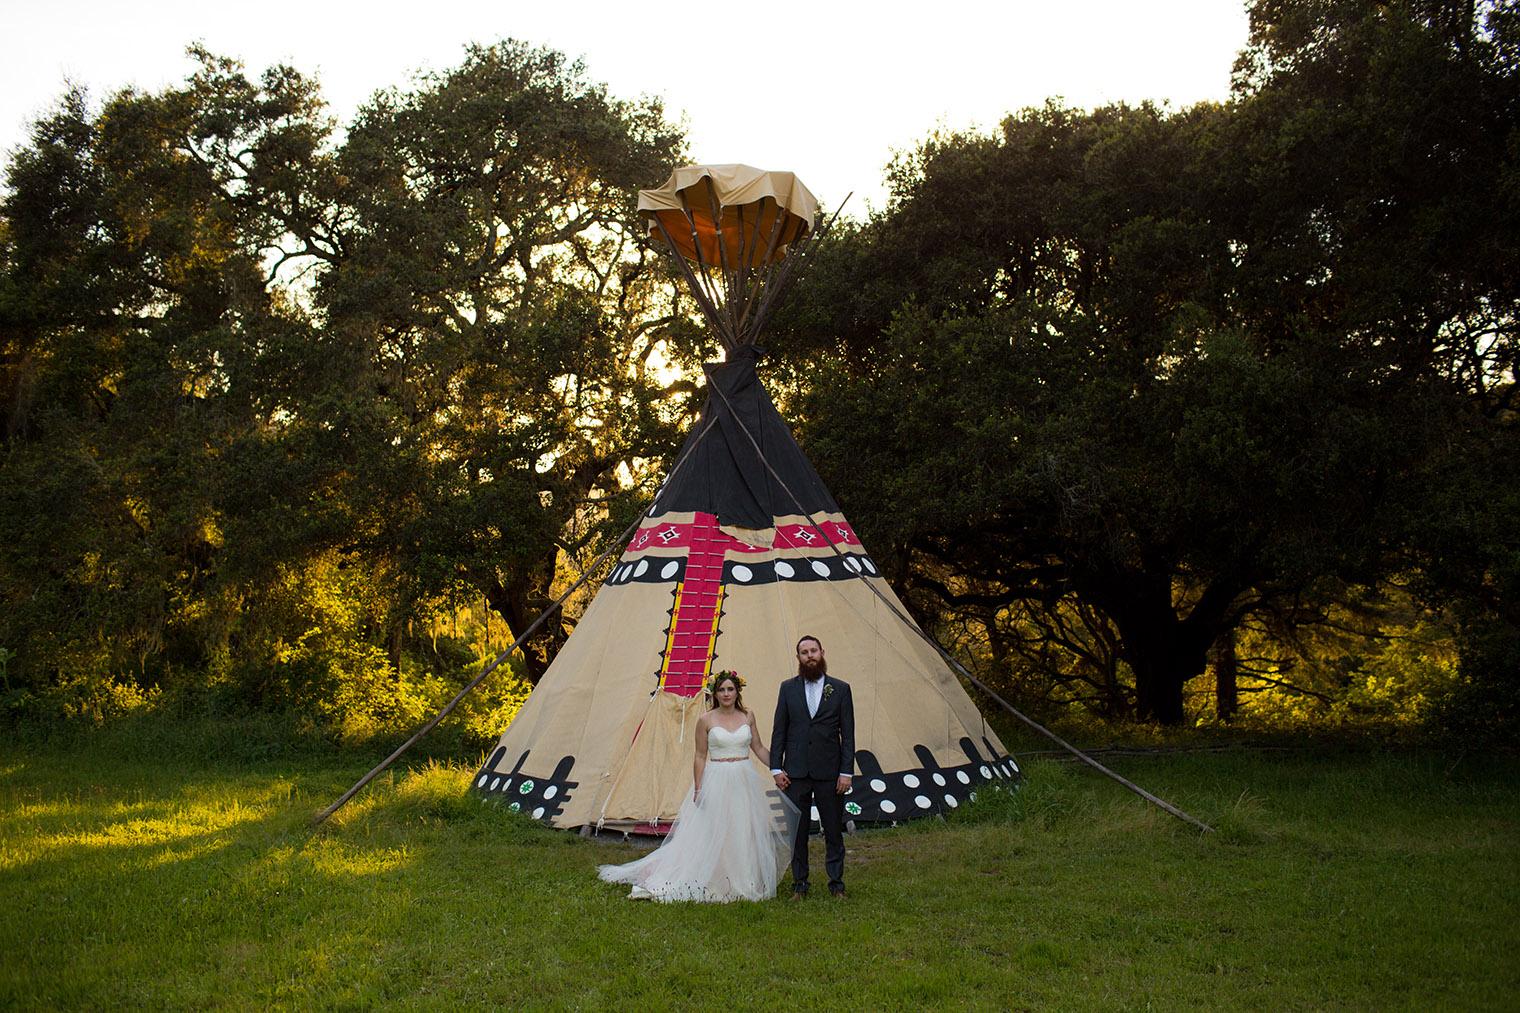 wedding photos at OVY Camp